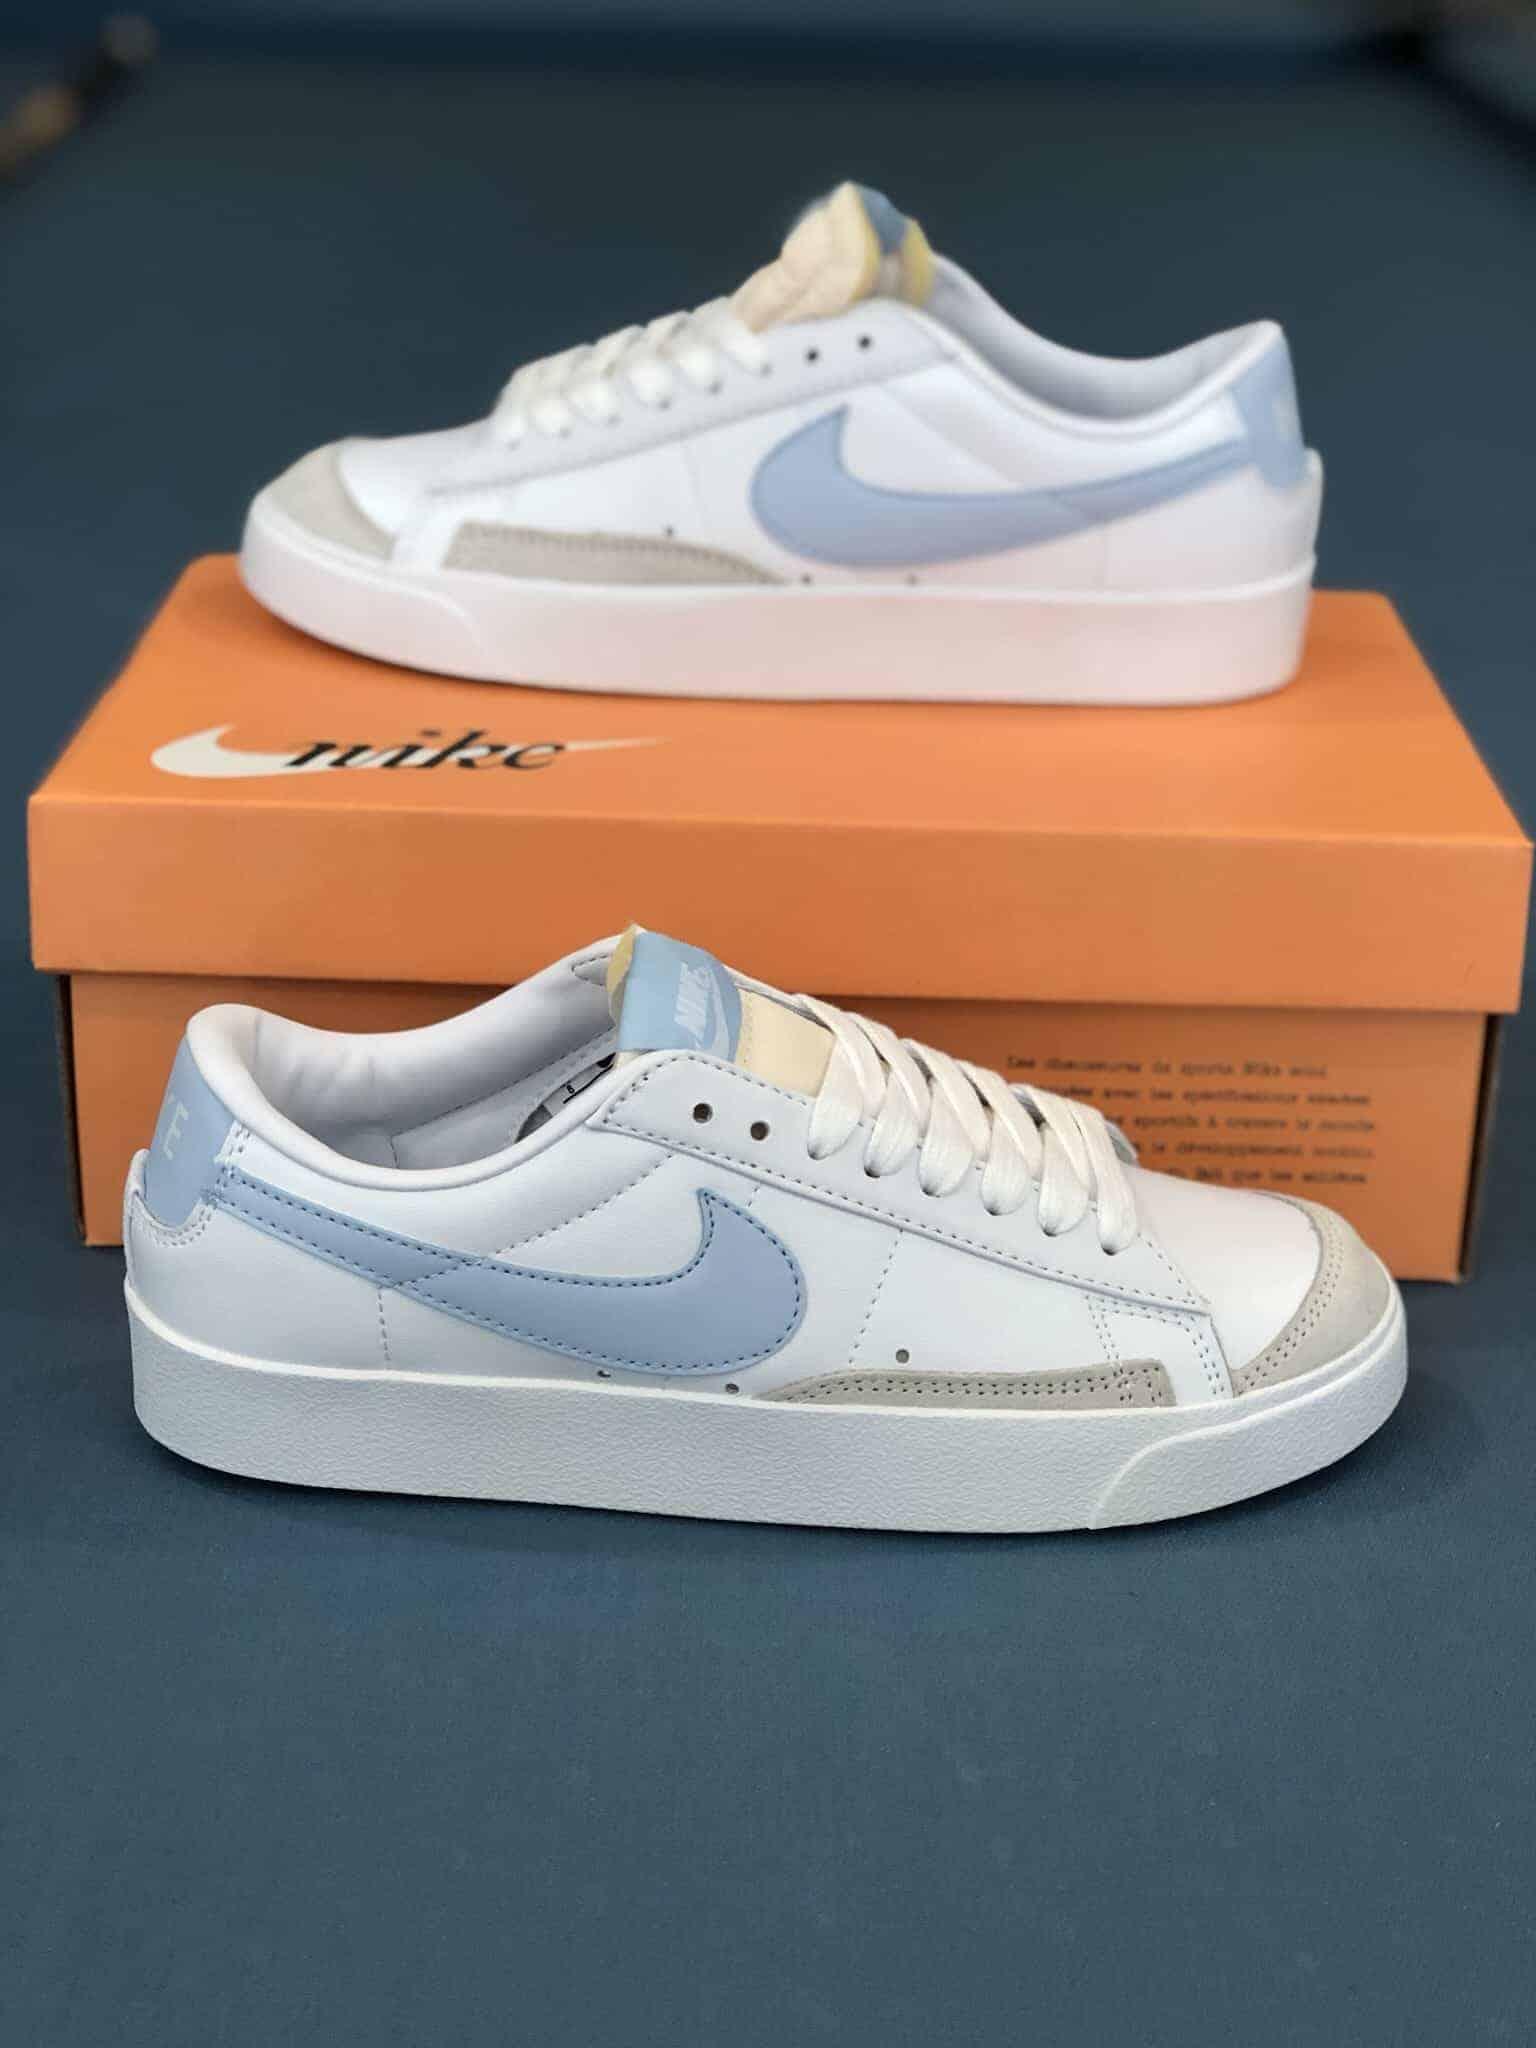 Nike Blazer Low 77 White Ghost Rep 1:1 đáng để ưu tiên vì vẻ đẹp hợp thời